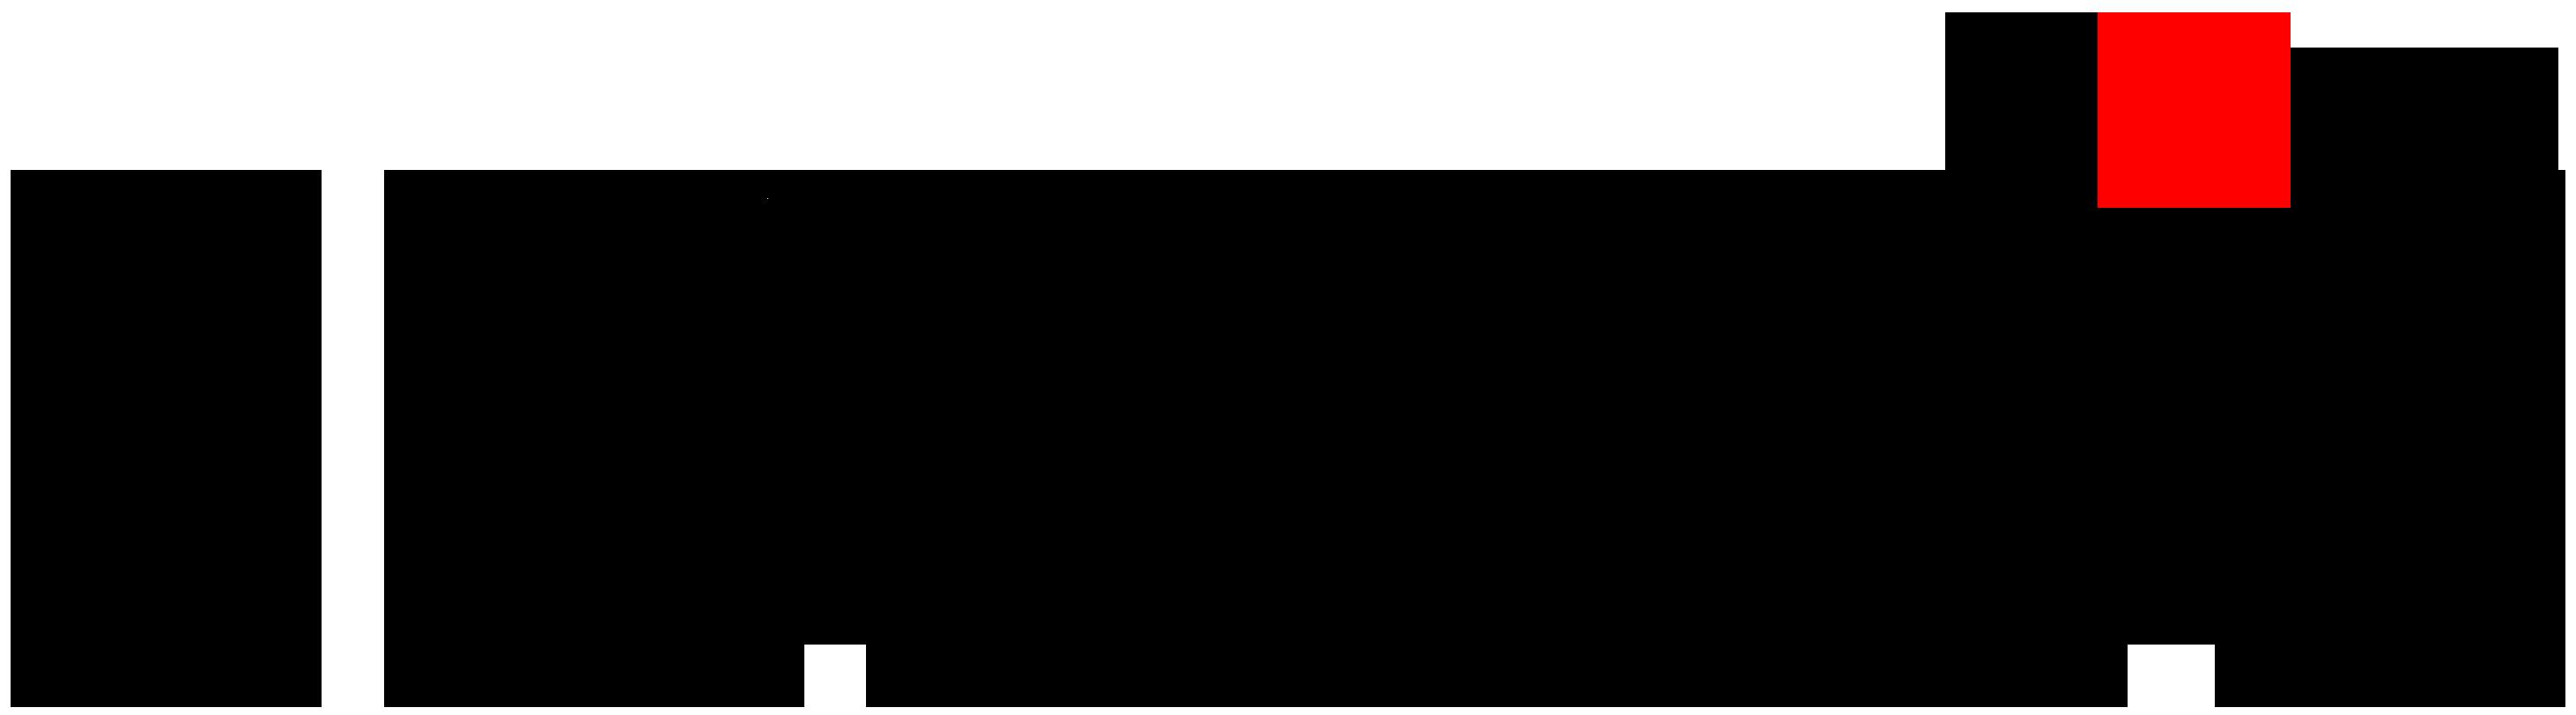 Производитель газового оборудование Греерс